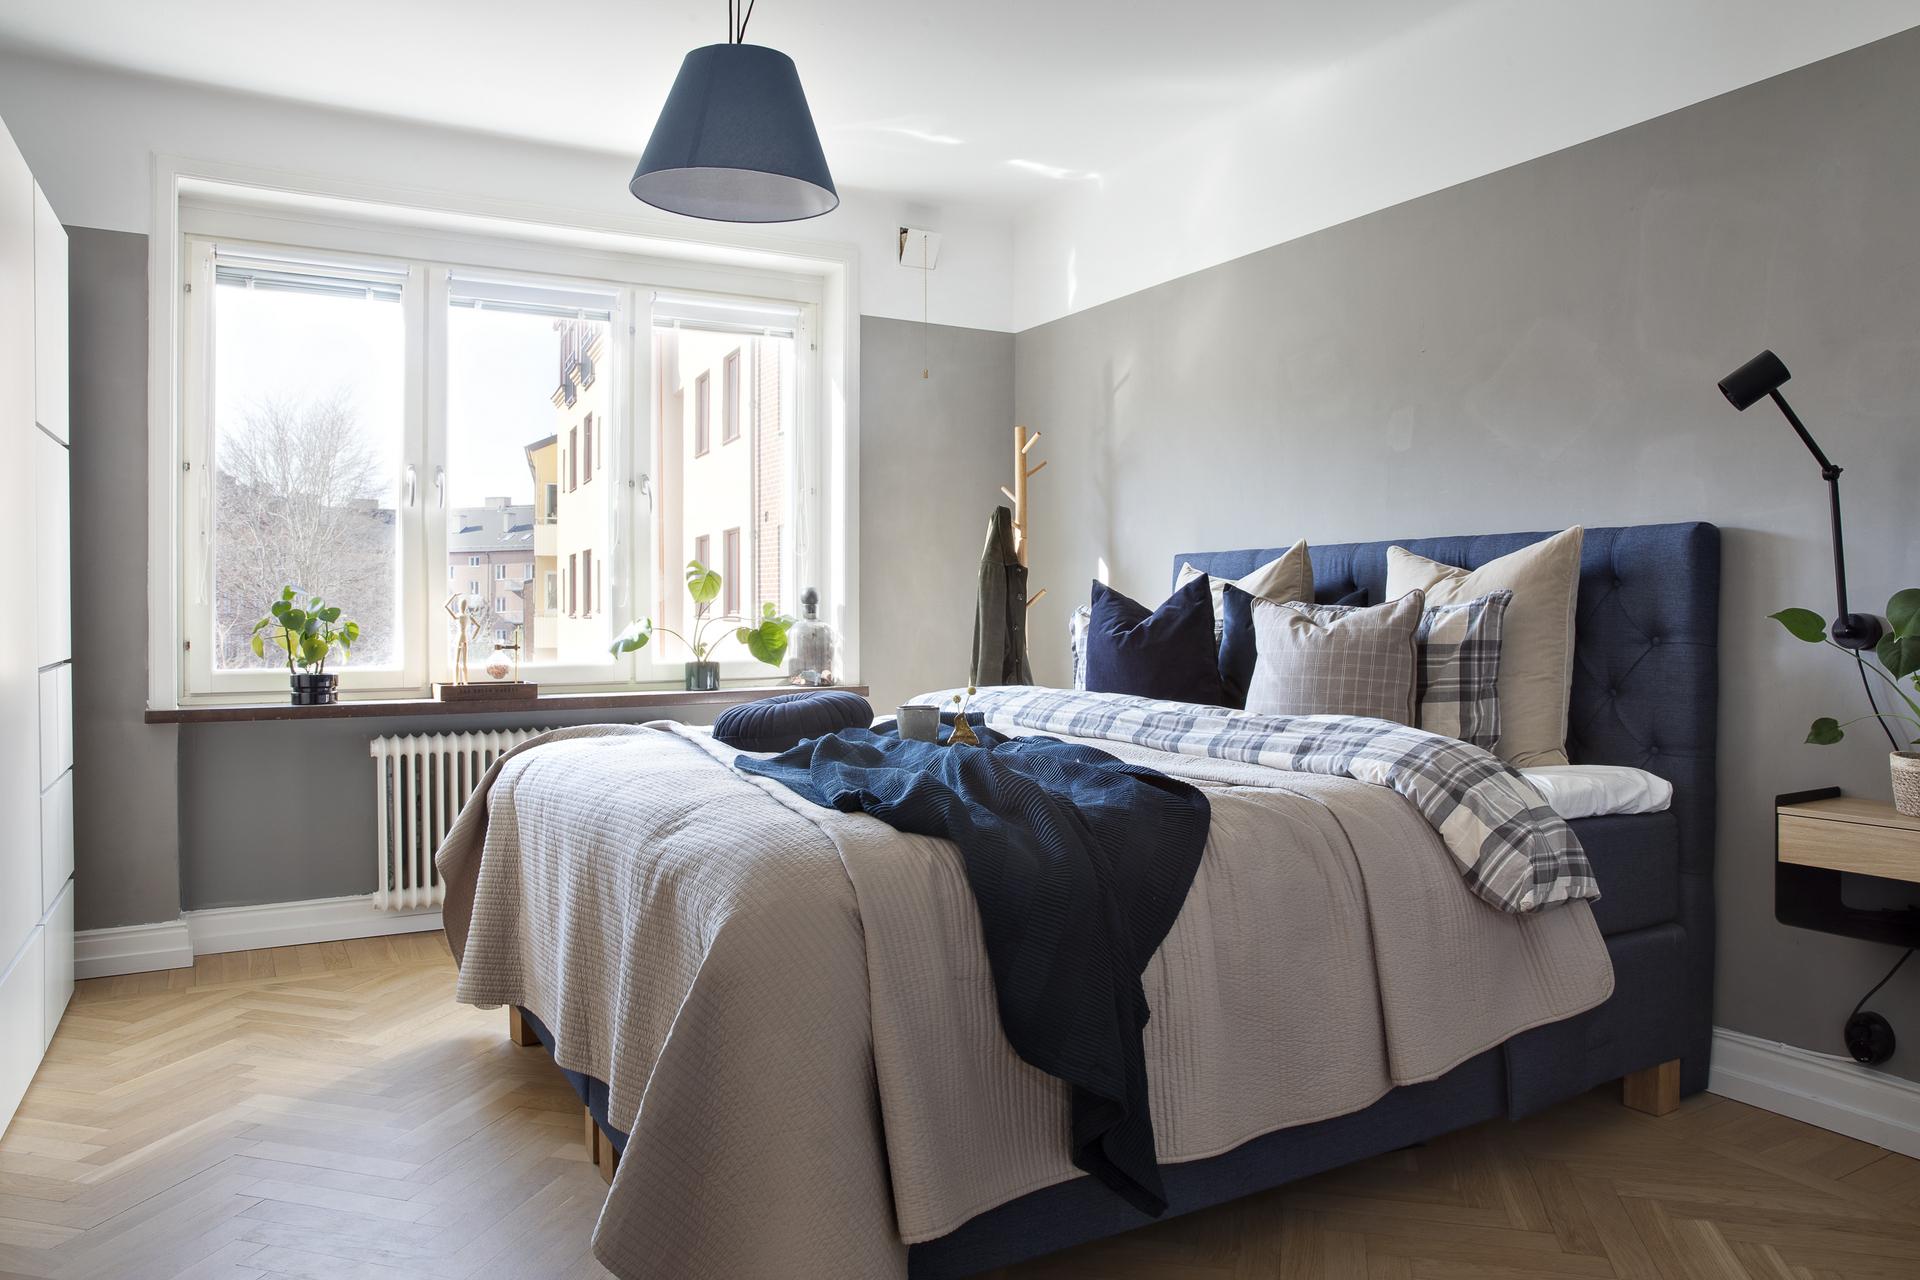 Sovrum 1 erbjuder gott om plats för både dubbelsäng och förvaringsmöbler